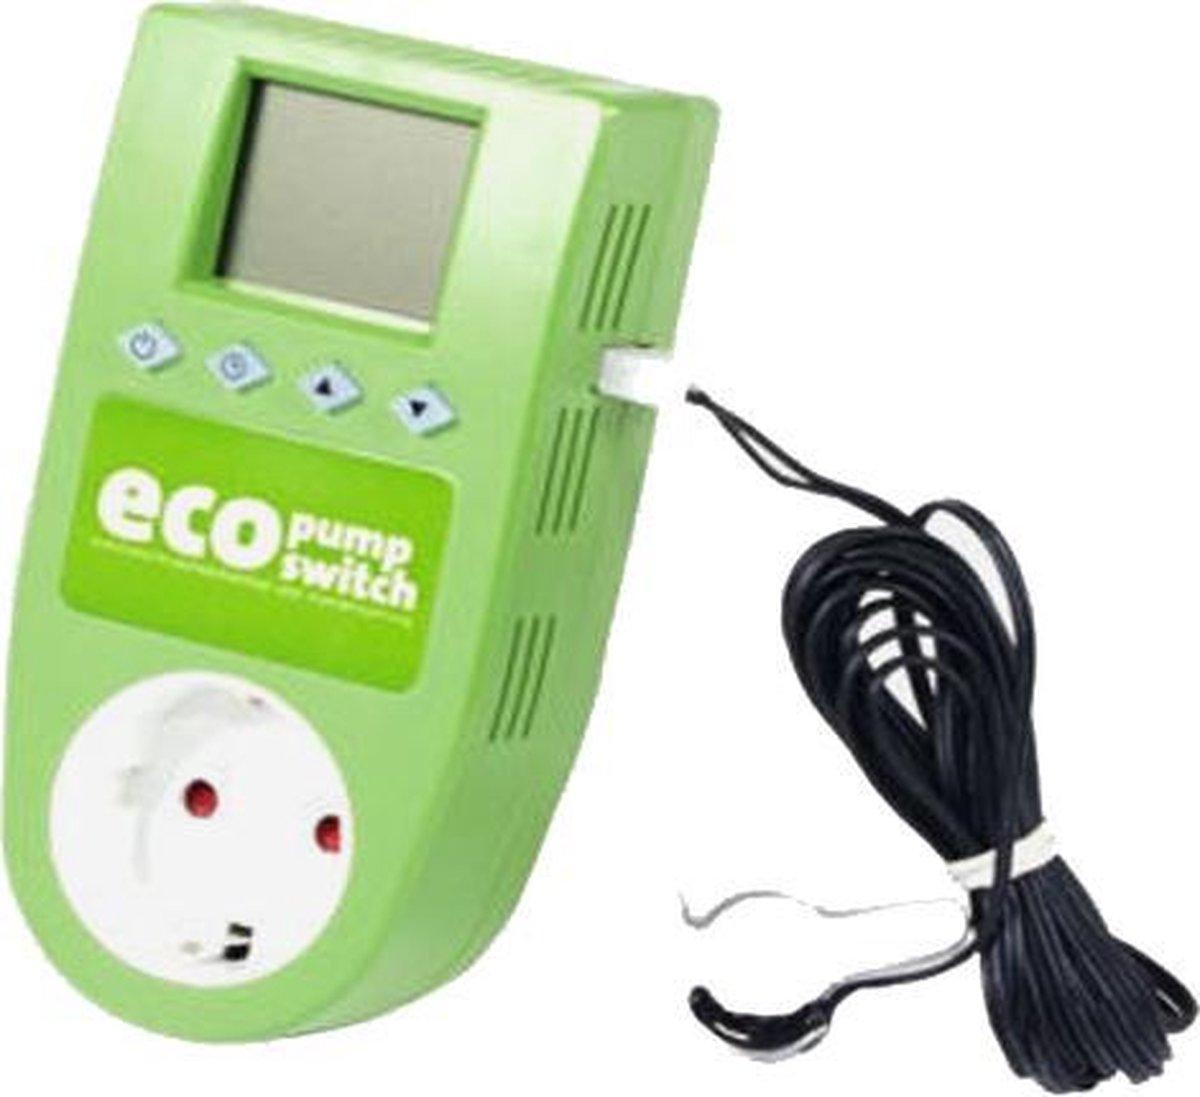 ECO Pump Switch HY-02 Vloerverwarming Pompschakelaar